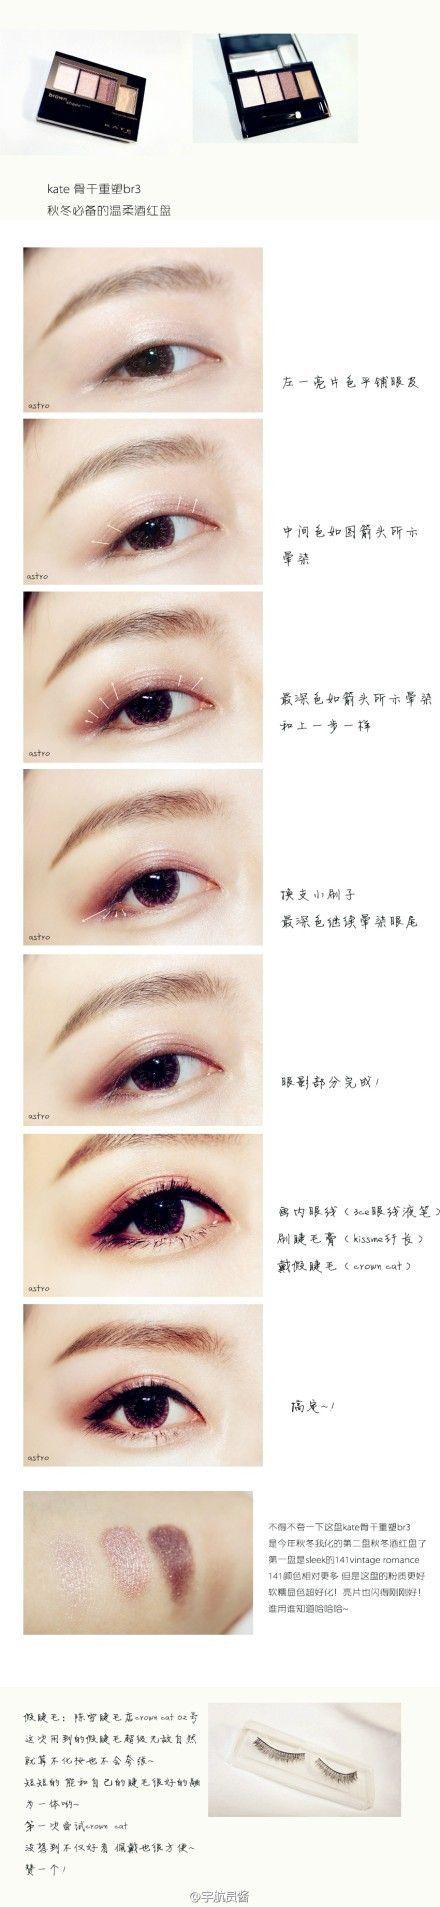 Chinese eye make-up tutorial~